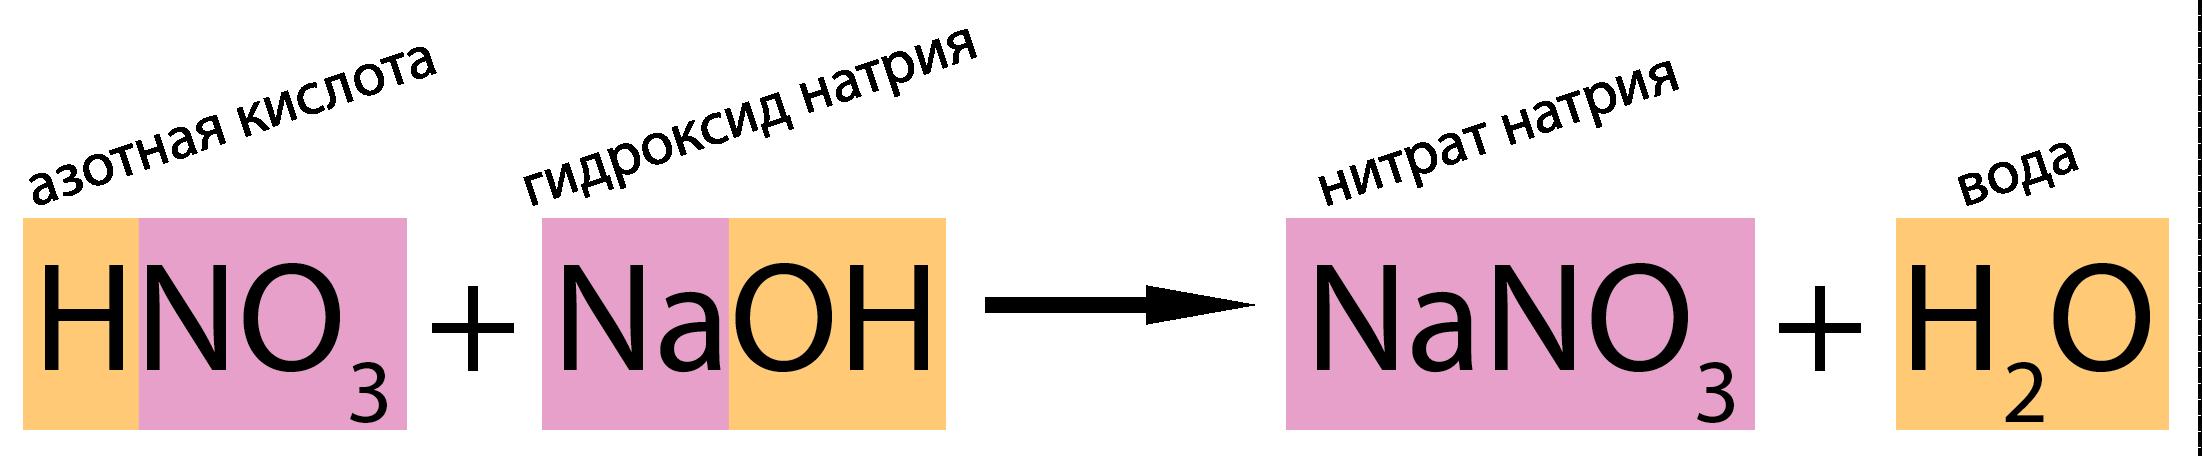 Азотная кислота проявляет все обычные свойства кислот